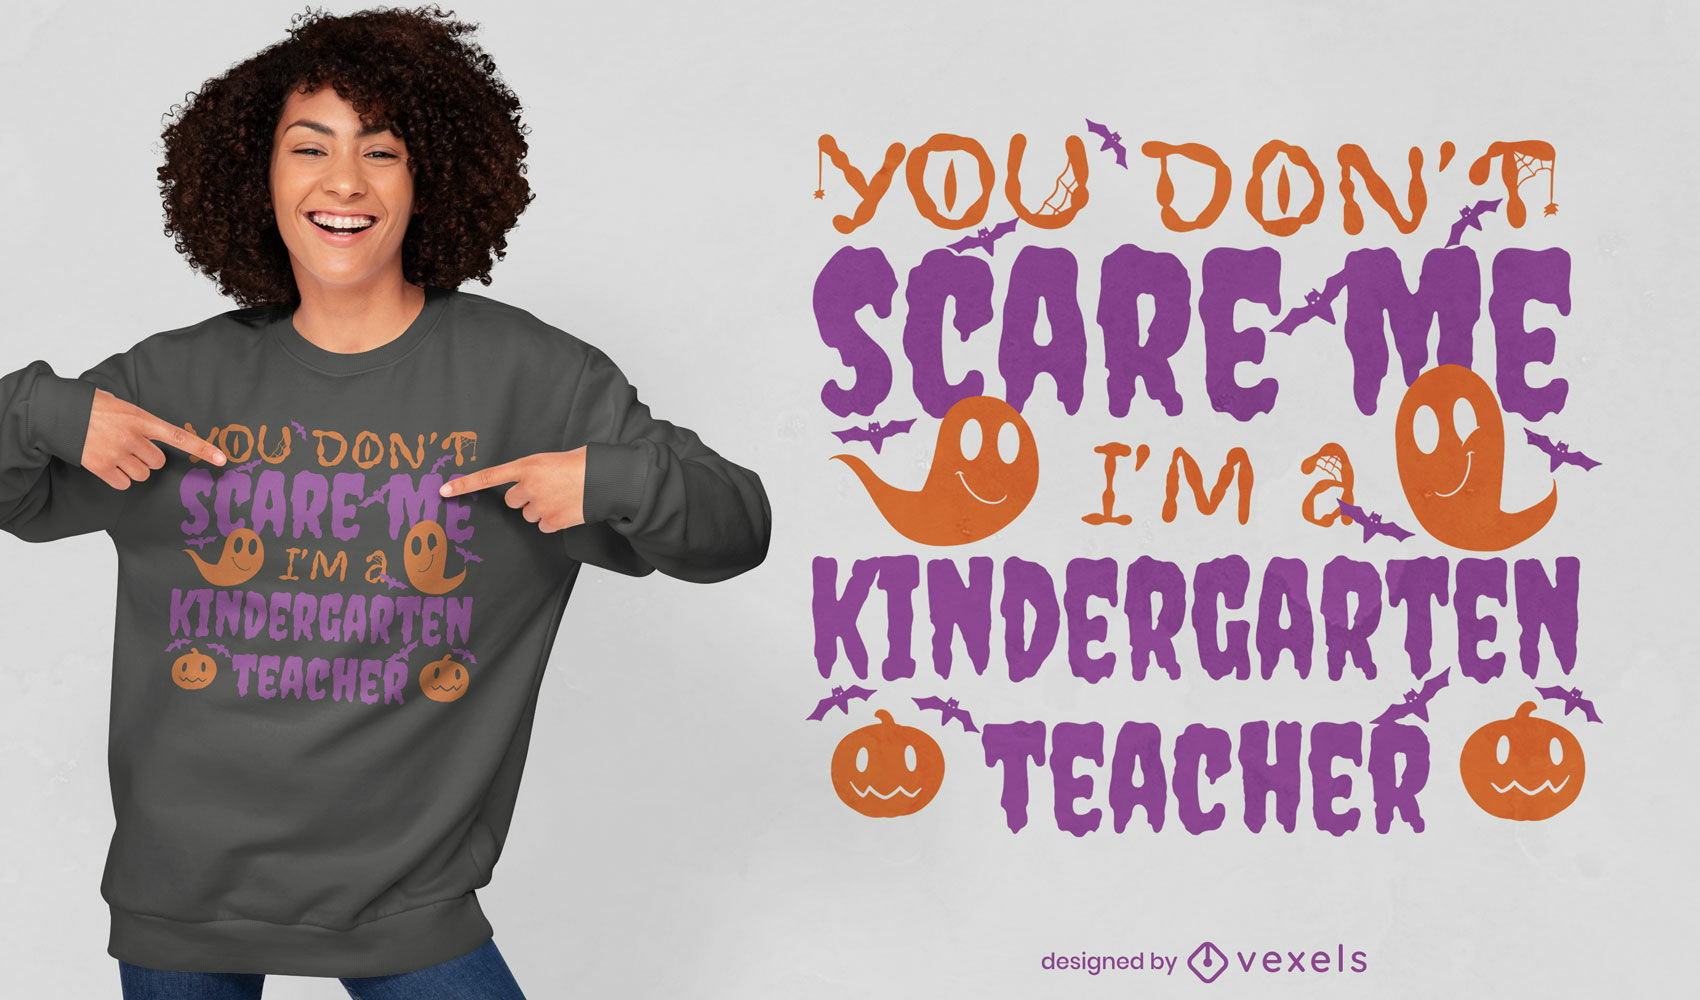 Kindergarten teacher halloween quote t-shirt design